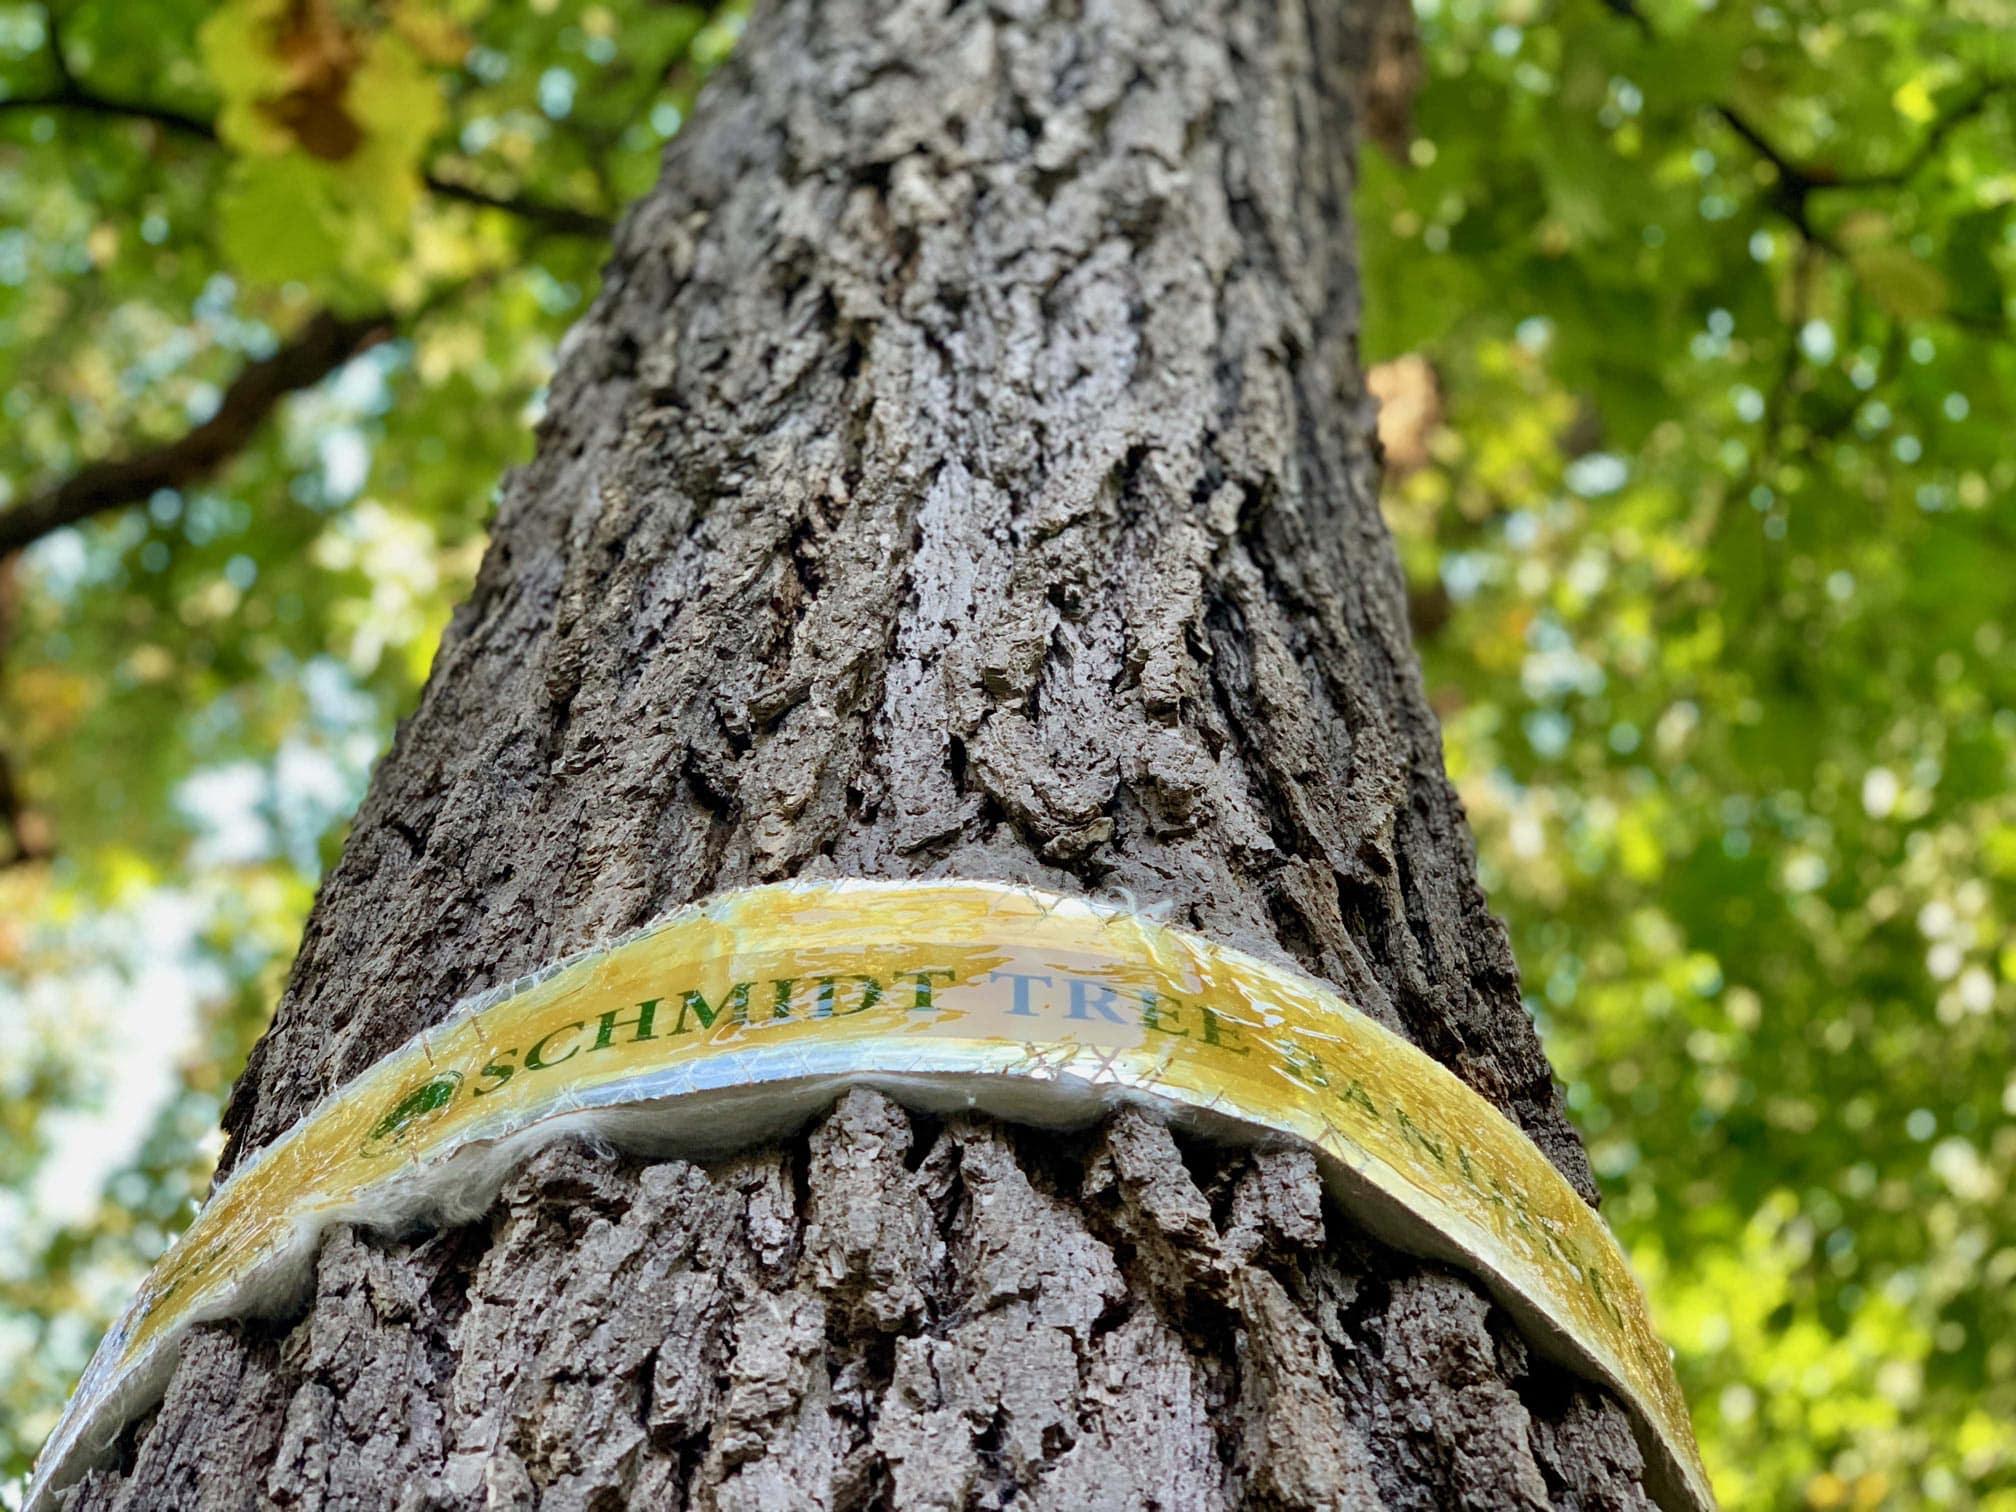 Tree band on tree